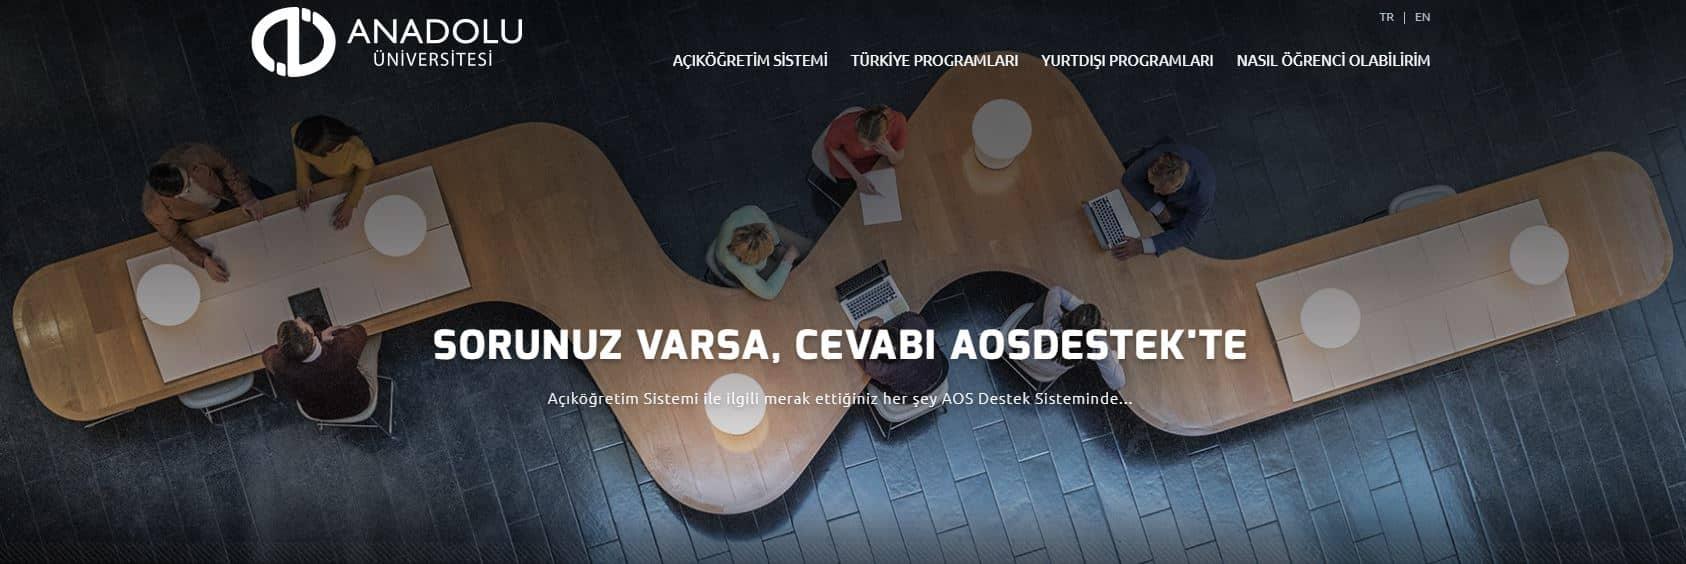 Eskişehir-Anadolu-Üniversitesi-Açıköğretim-Fakültesi-4-yillik-iktisat-lisans-harc-ucreti-2021-2022